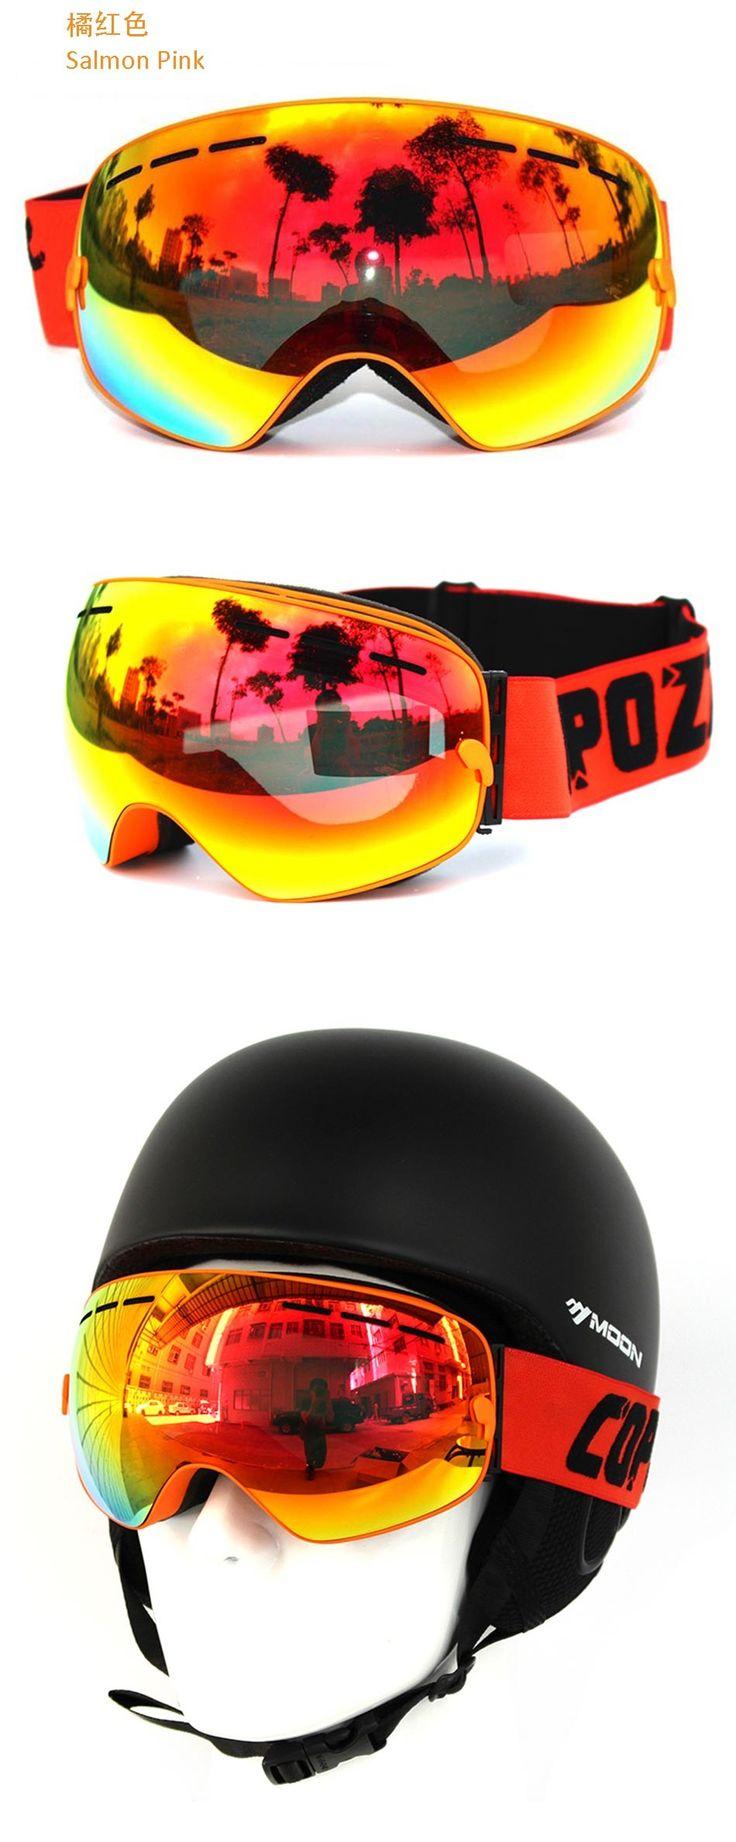 Новый COPOZZ марка профессиональный лыжные очки UV400 анти туман большой лыжная маска очки лыжи сноуборд мужчины женщины снег очки купить на AliExpress